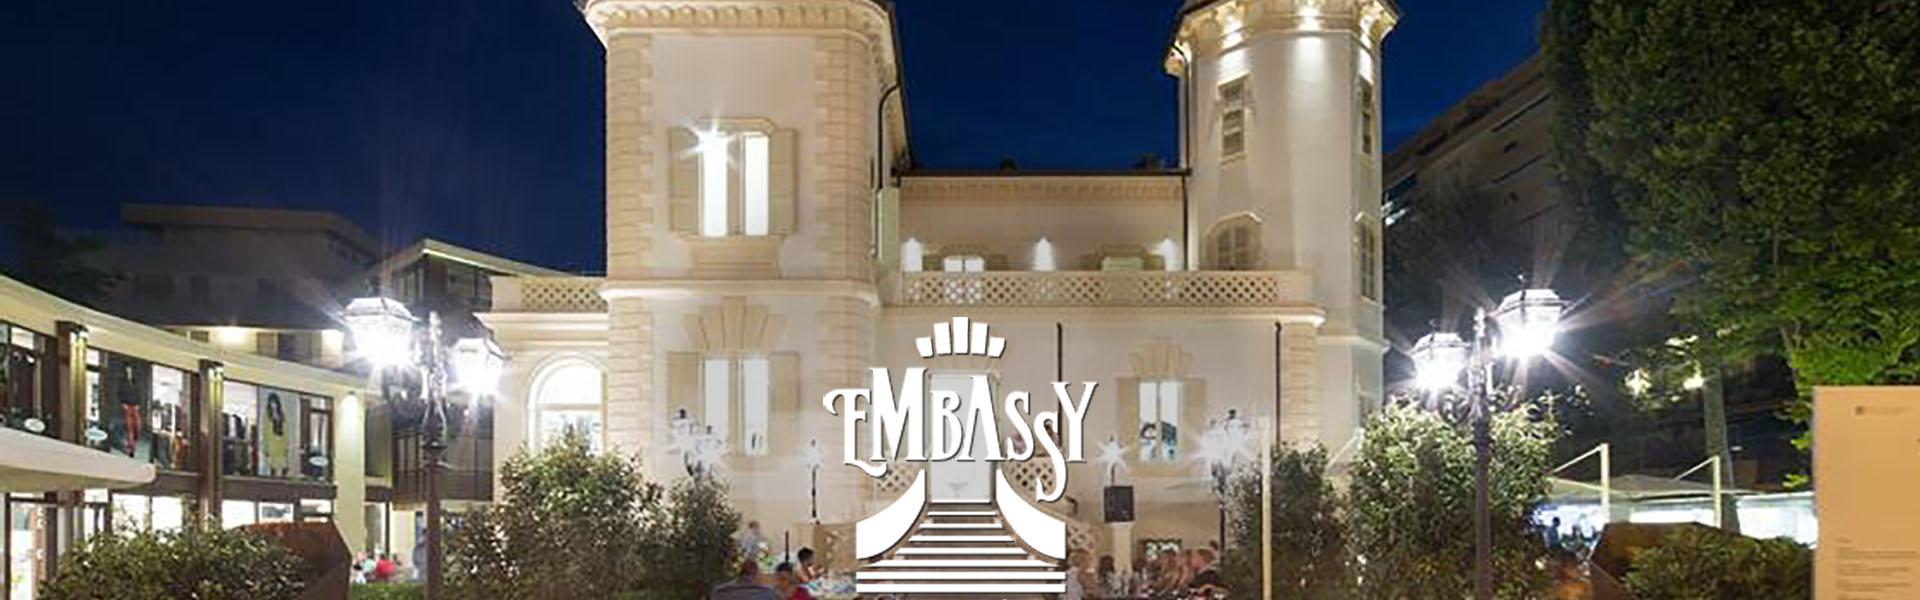 Embassy - Rimini